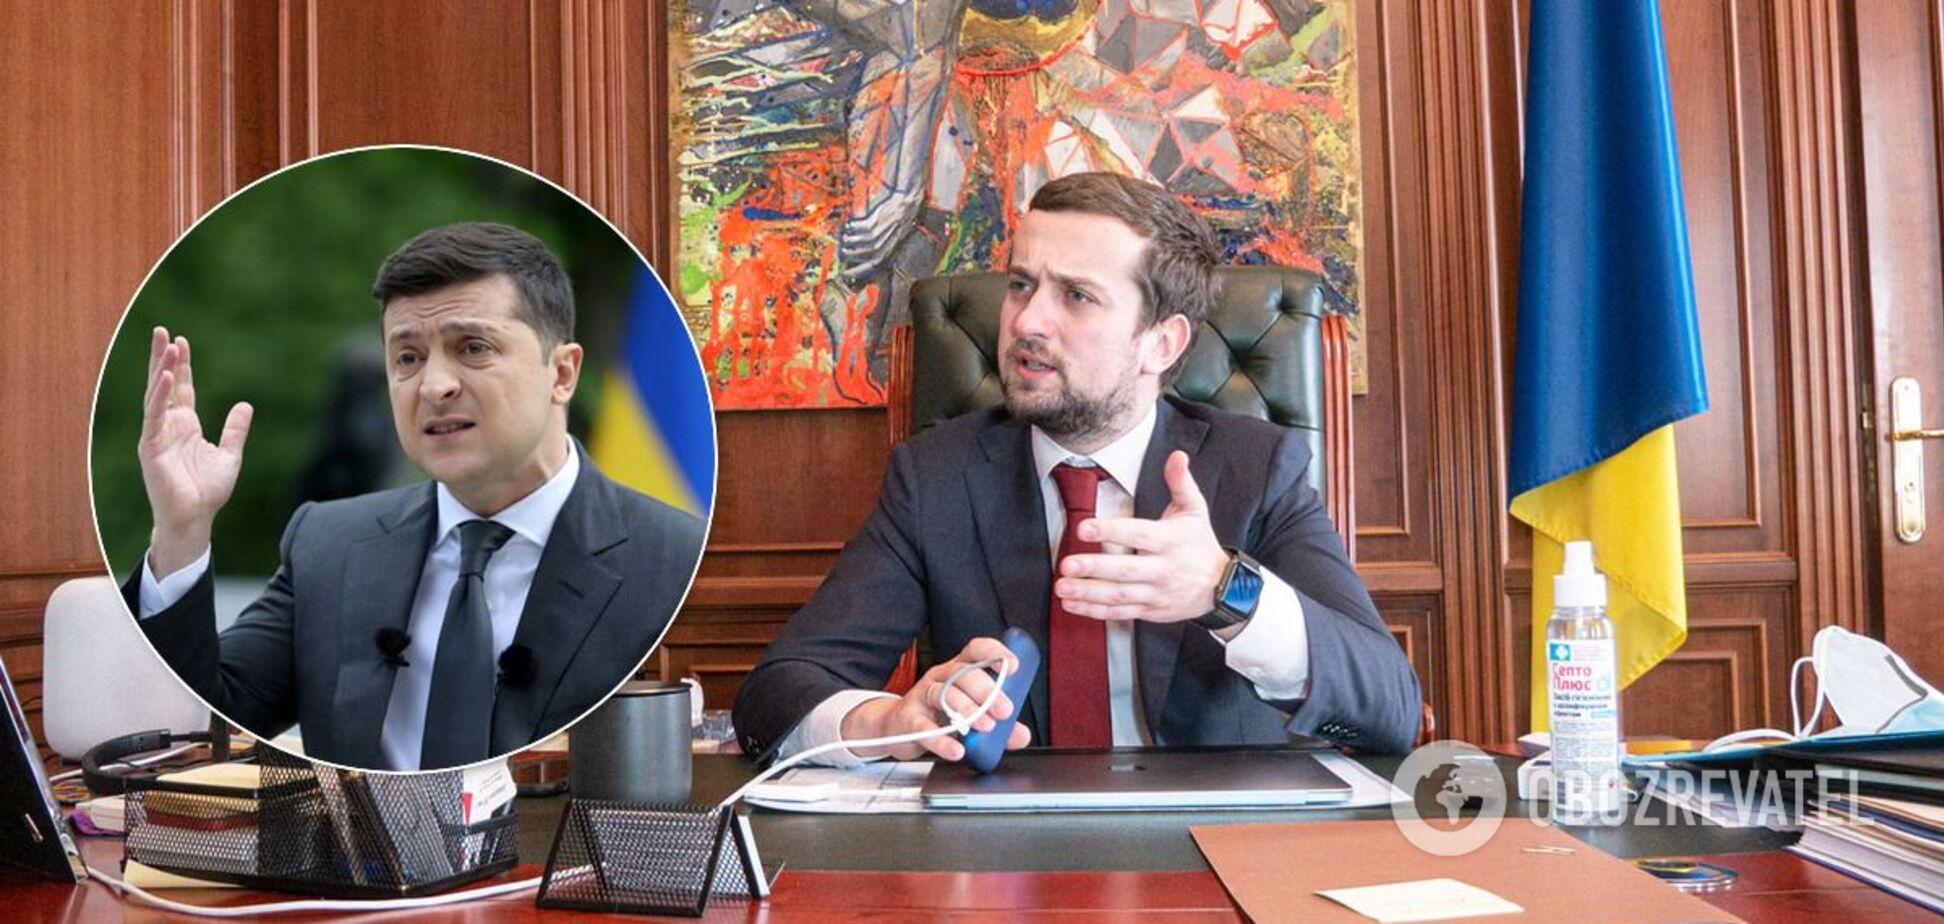 Кирилл Тимошенко организовал переговоры между мэрами и правительством